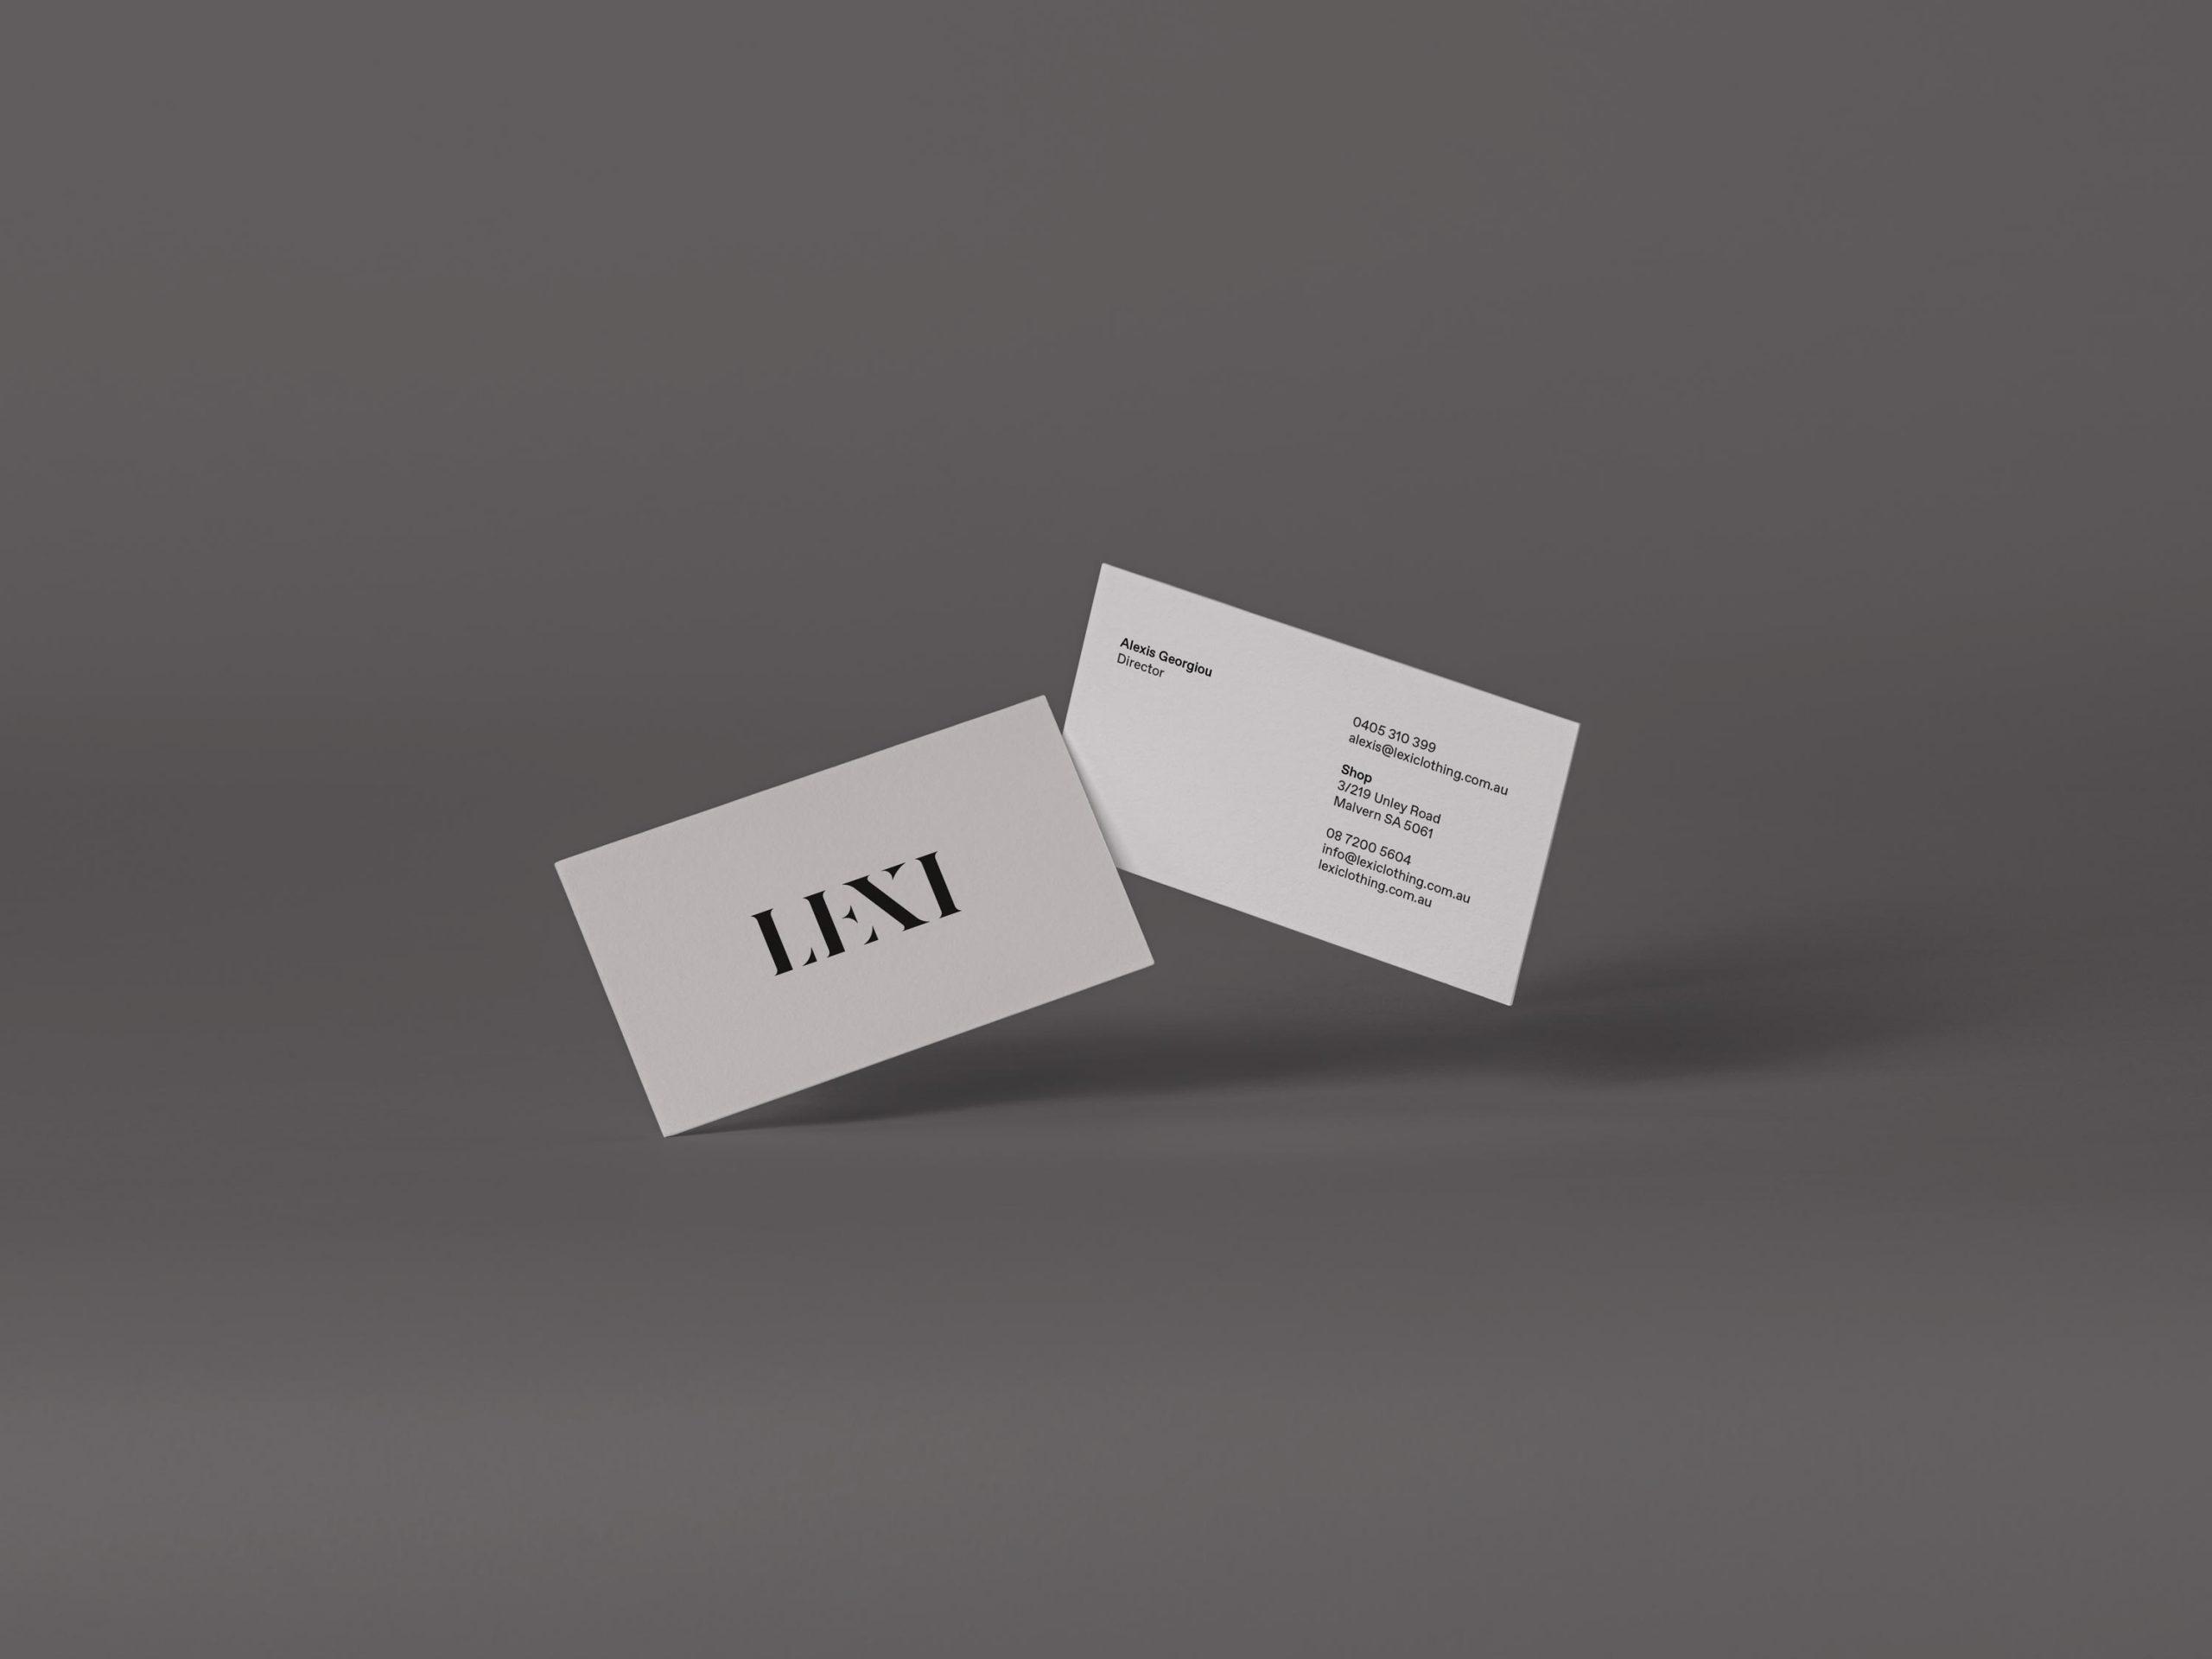 Lexi-Cards